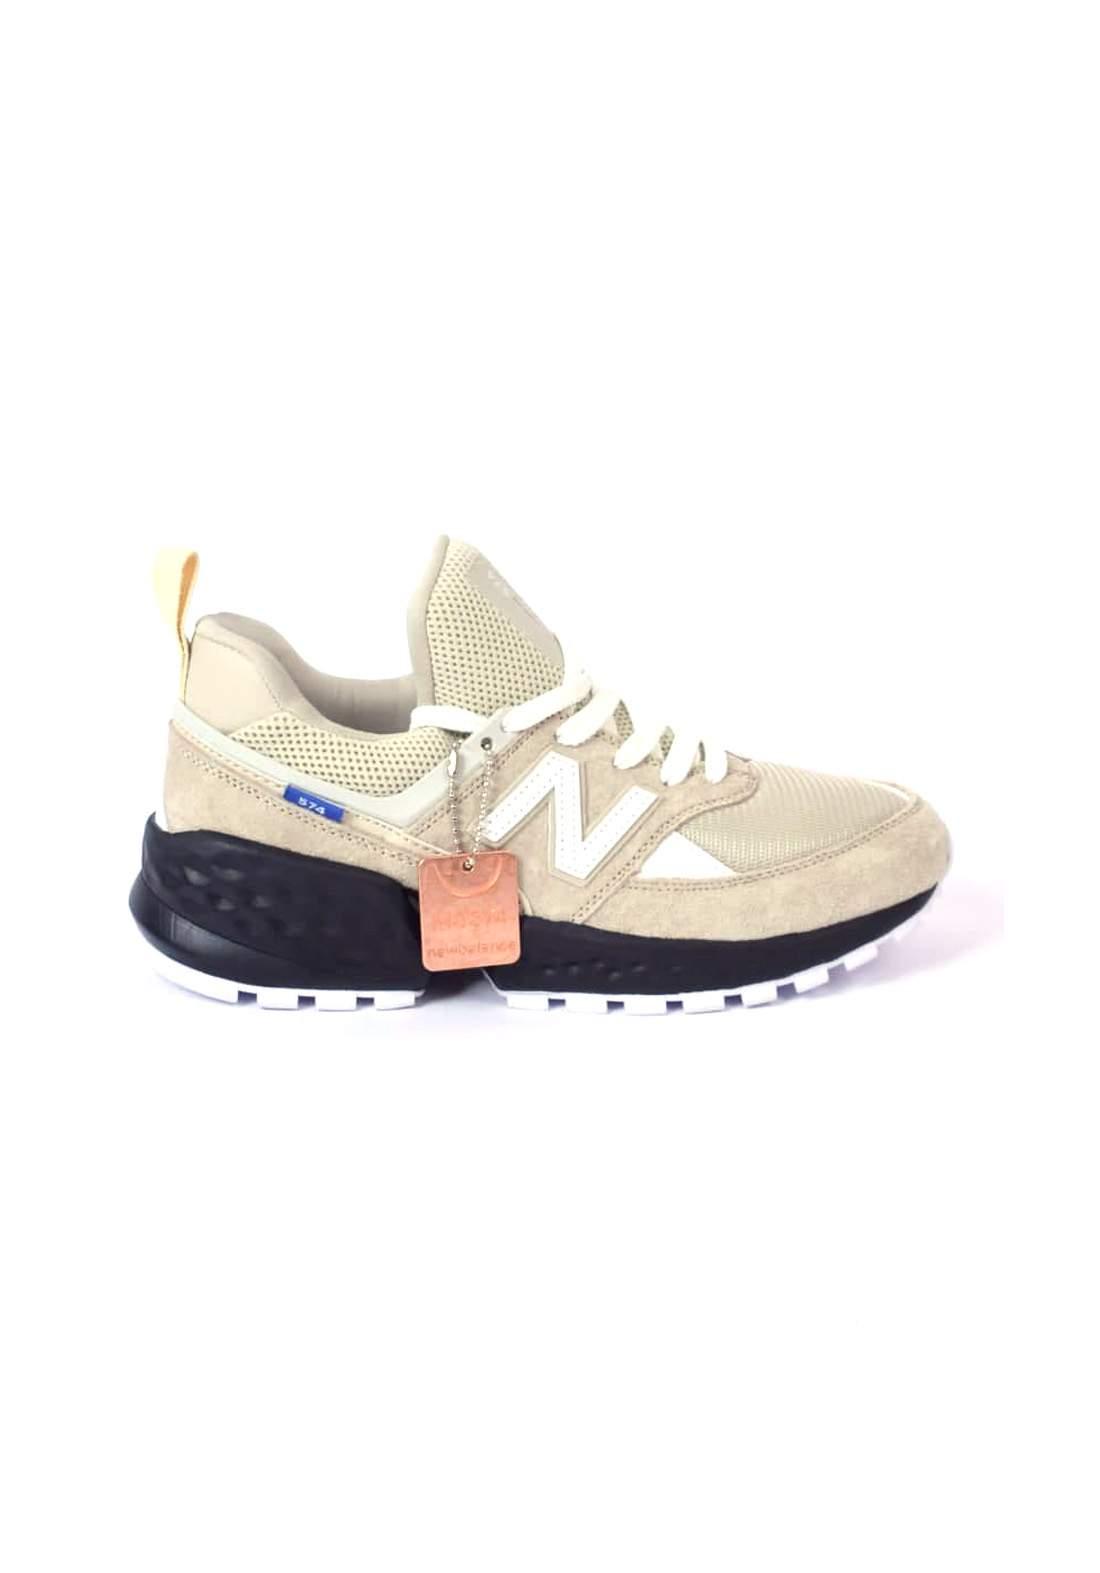 حذاء رياضي صحراوي اللون من New Balance